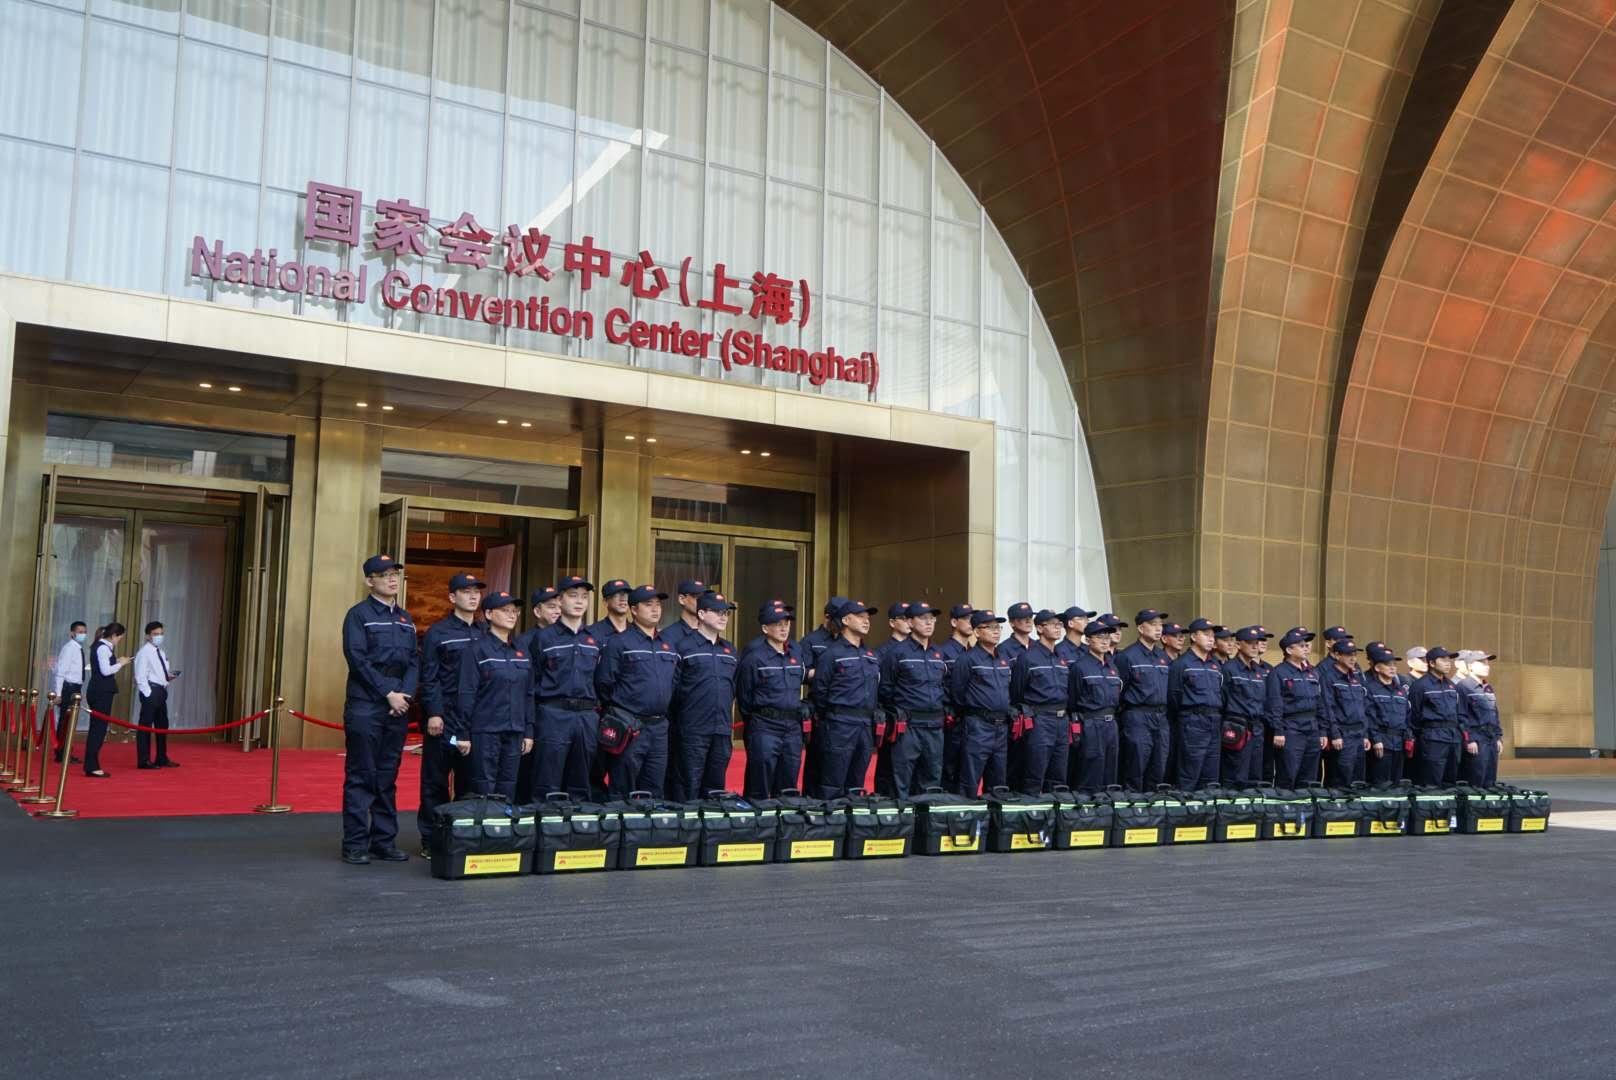 上海加强会展中心病媒生物控制保障。